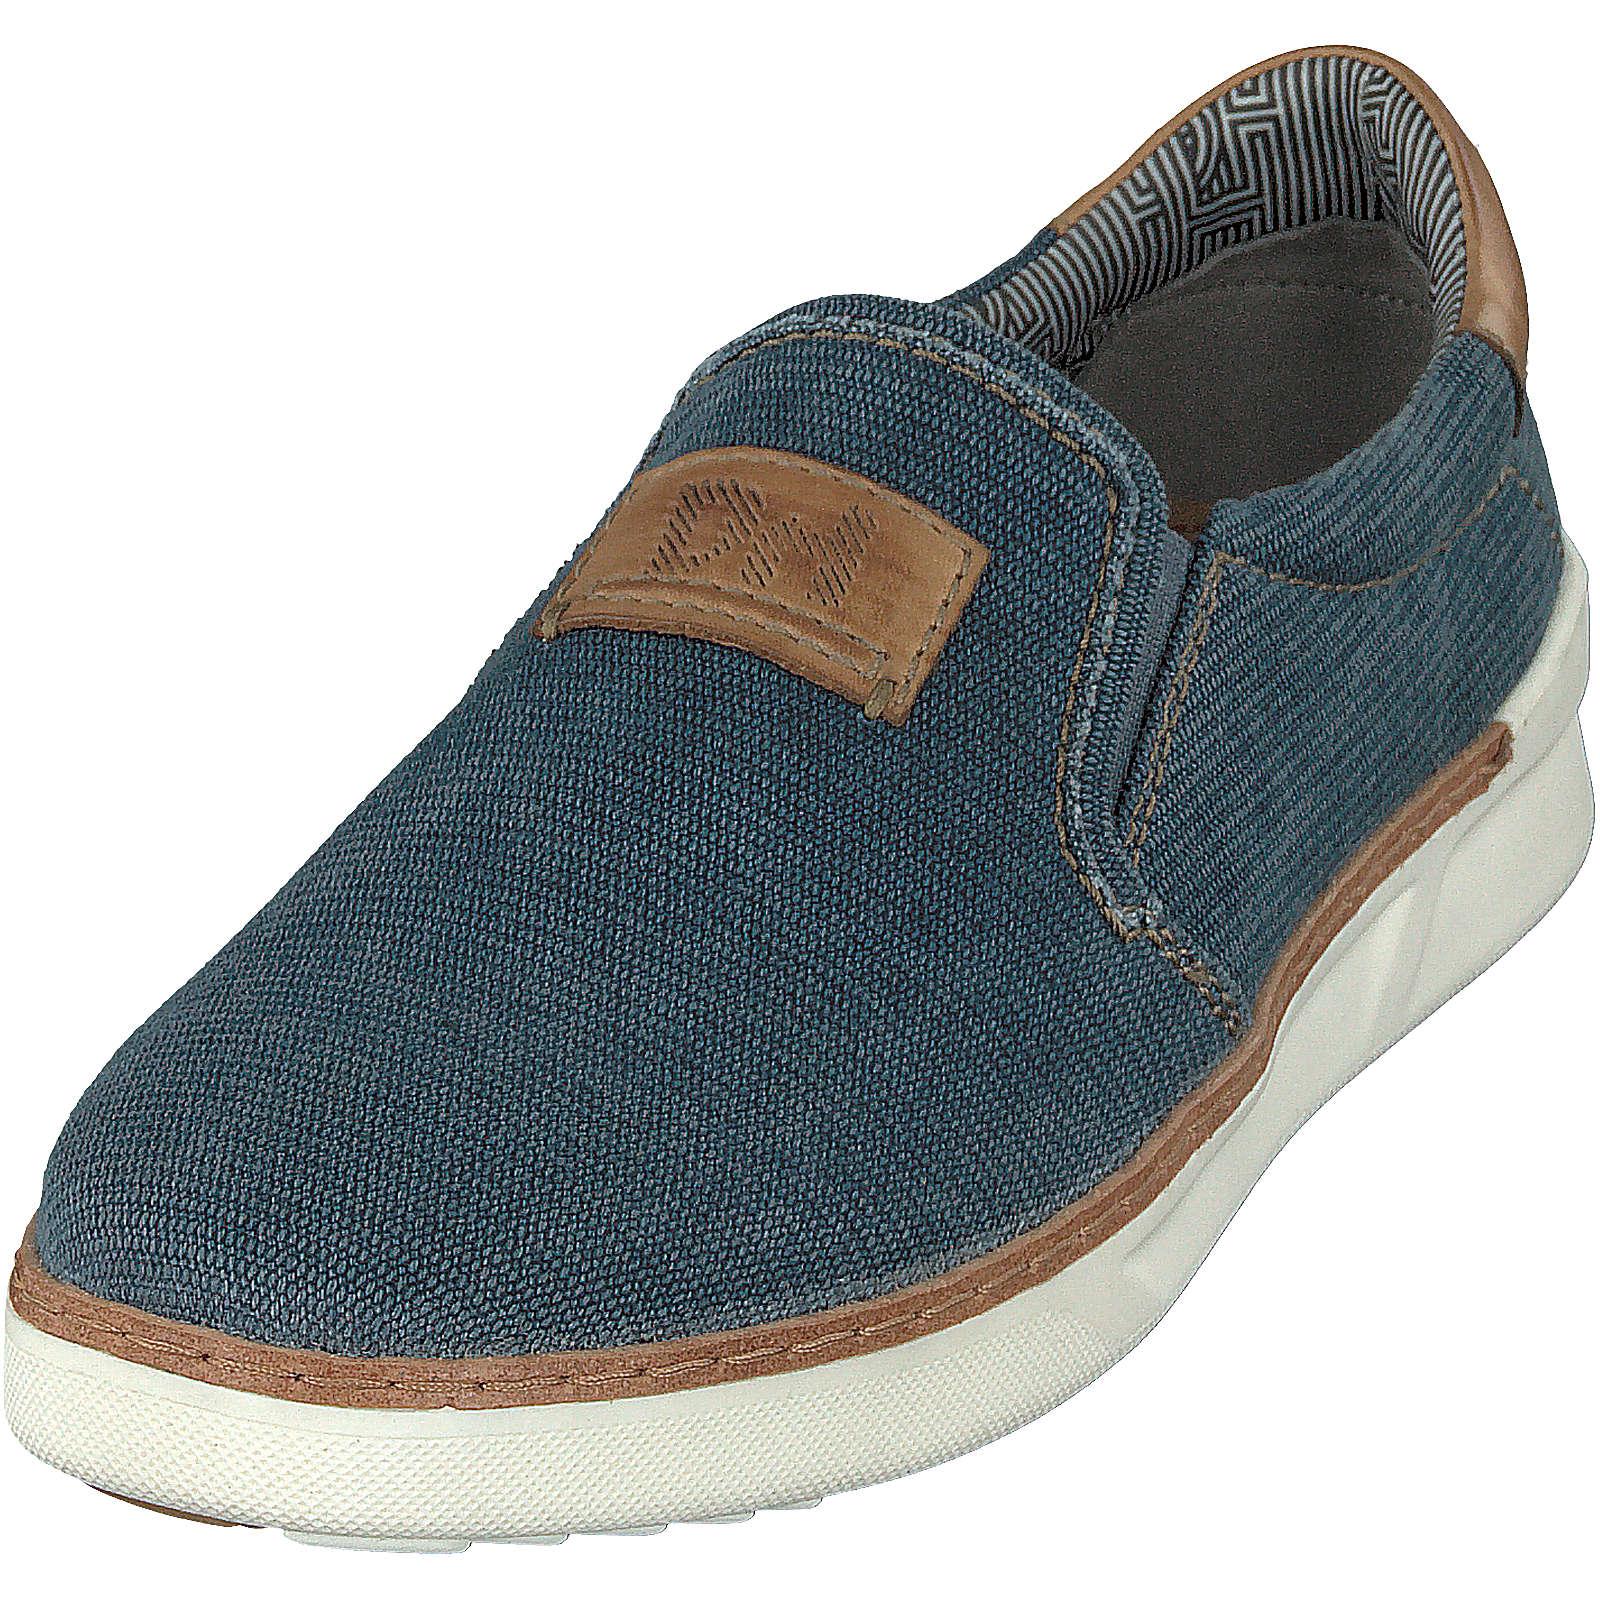 DANIEL HECHTER Slip-On-Sneaker dunkelblau Herren Gr. 41